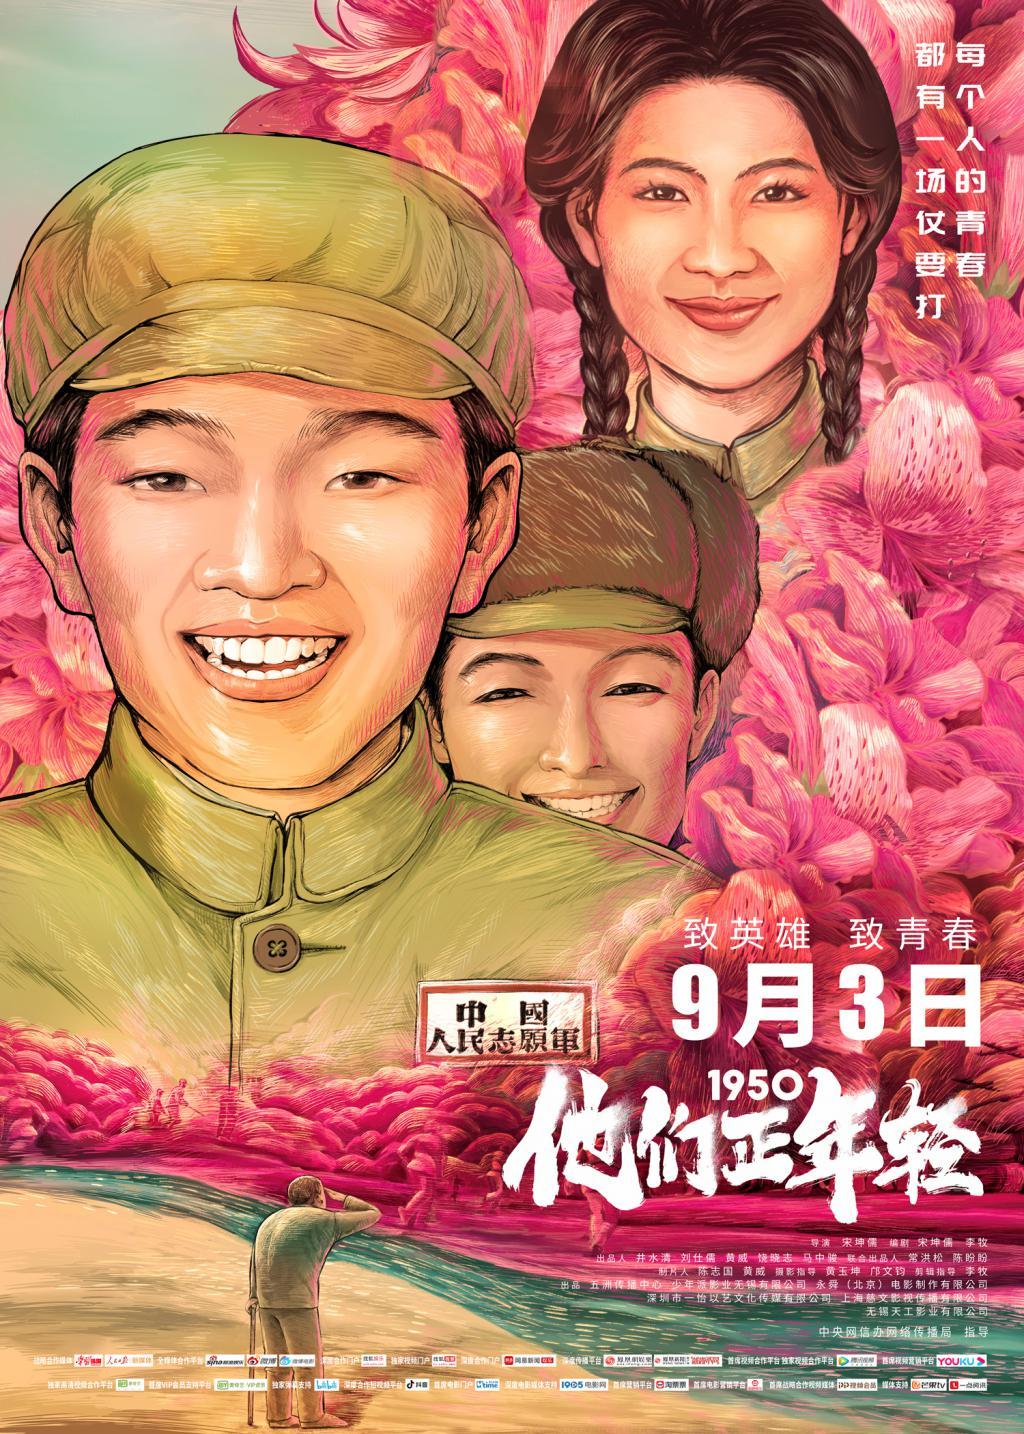 抗美援朝战争电影盘点:《1950 他们正年轻》《长津湖》真实与创作混合双打